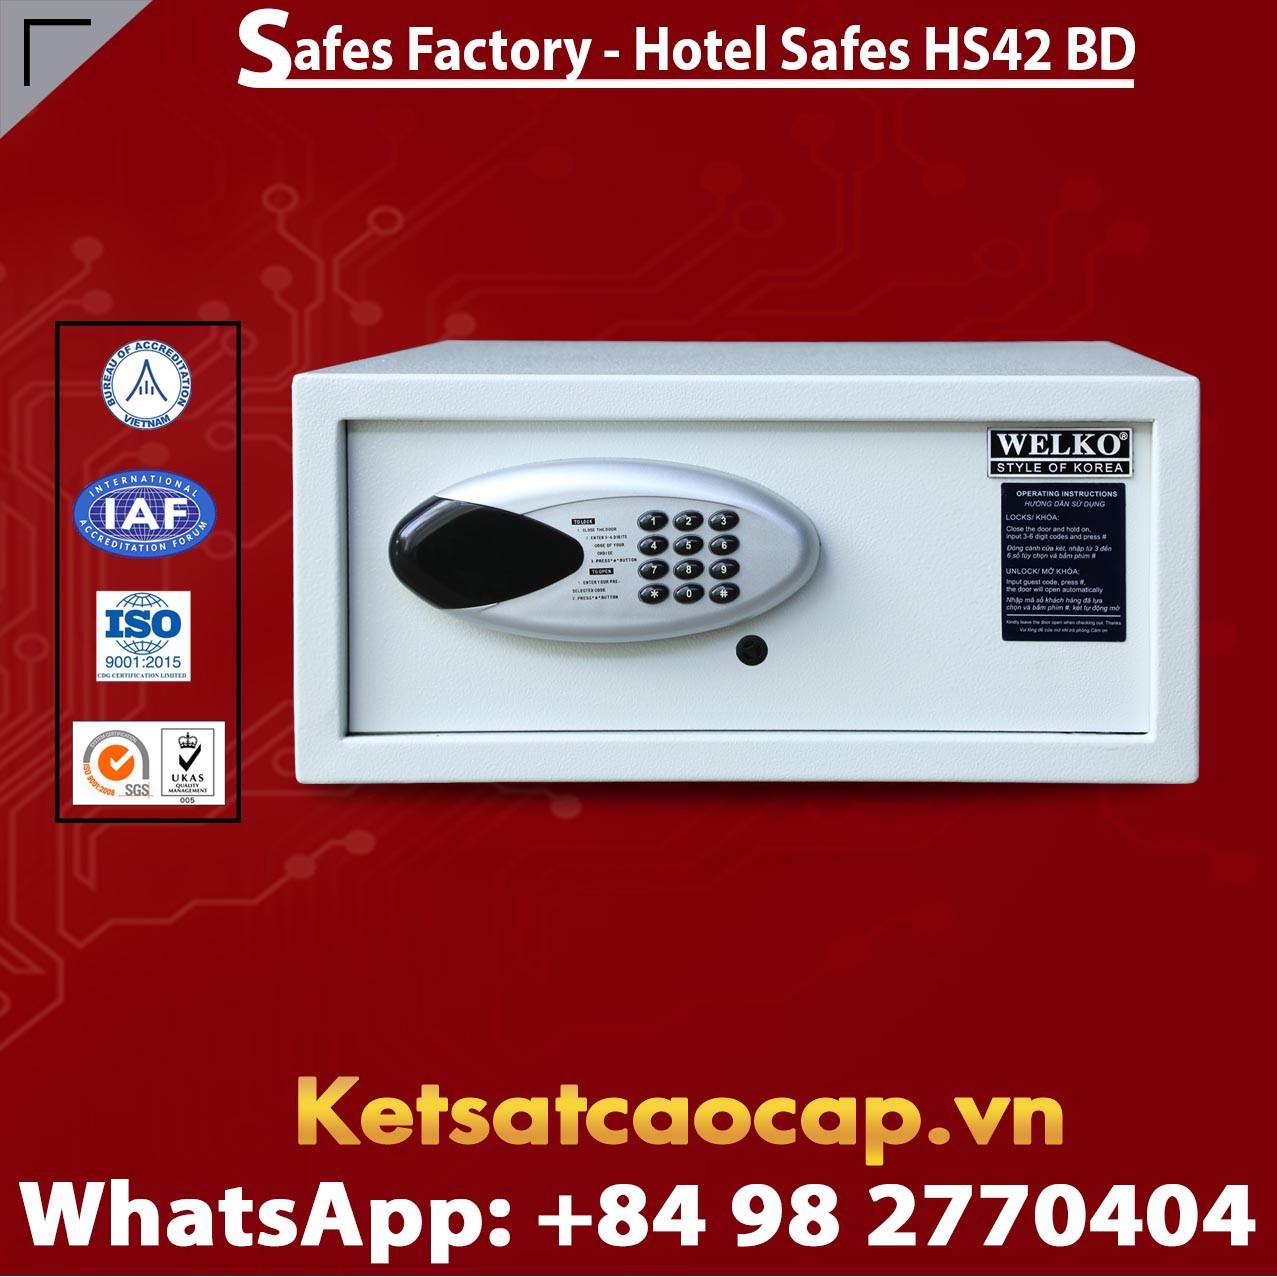 Két Sắt Khách Sạn Hotel Safes WELKO HS42 BD